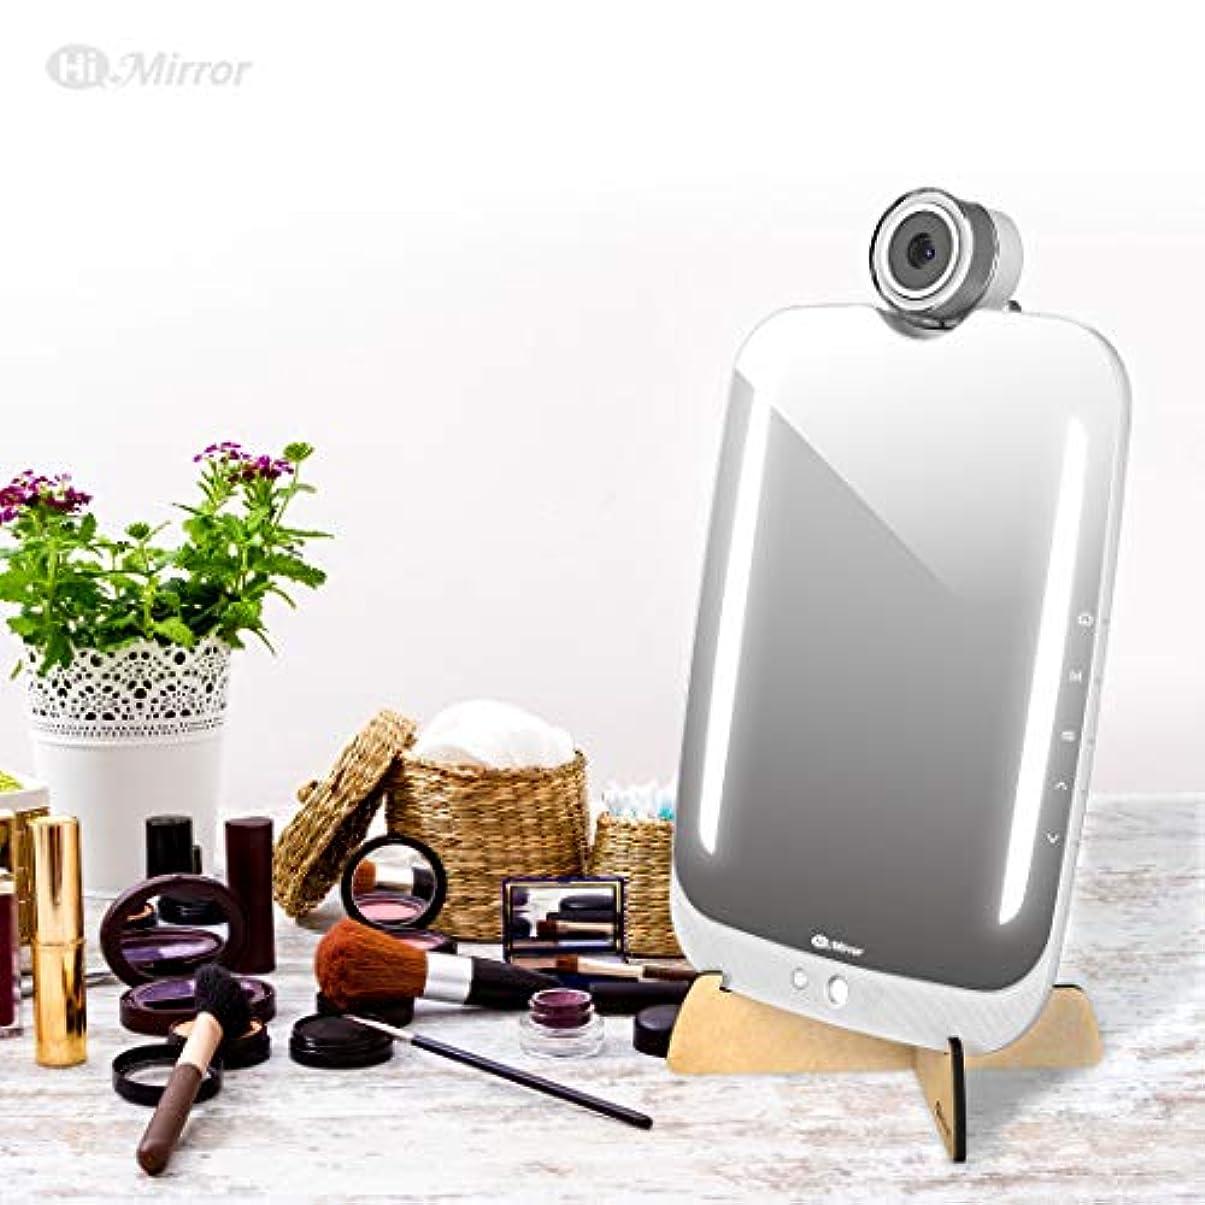 どうやら含意コンドームHiMirrorプラス-デバイス型ビューティミラー、メイクアップシミュレーションAR新機能搭載、高精度カメラ機能とアプリケーションによる肌分析 BM618RC00AB